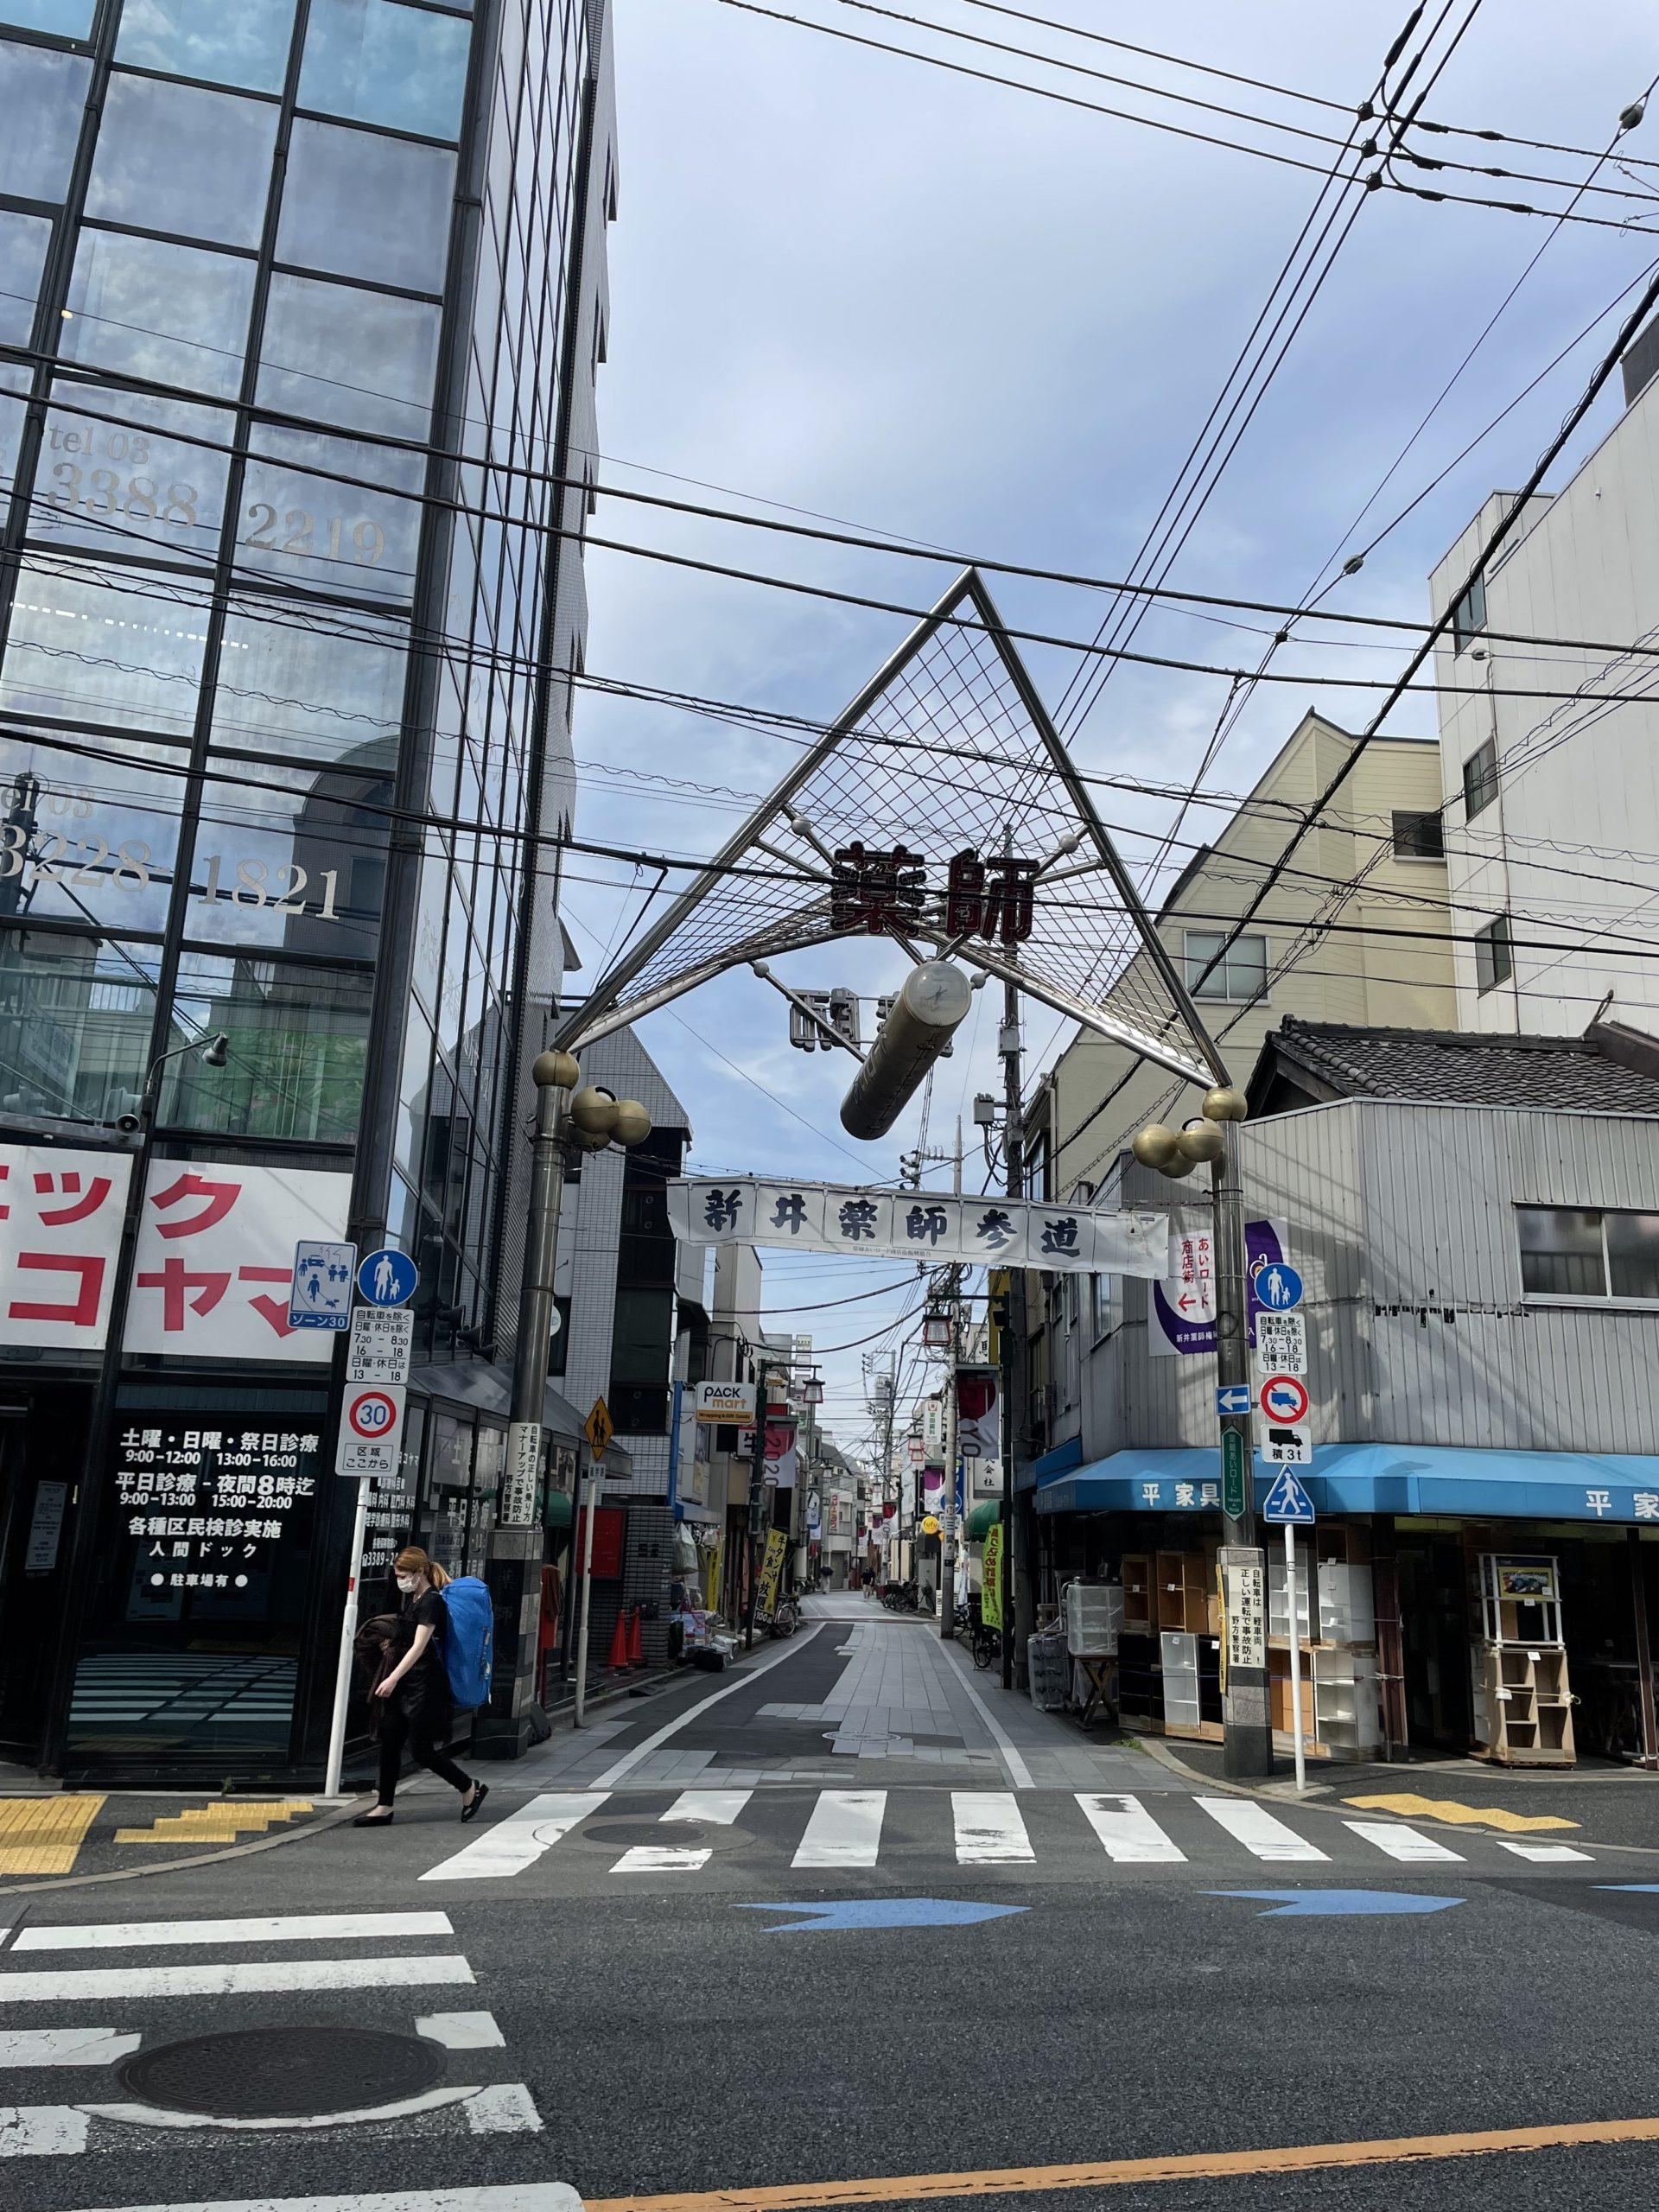 すぐ近くは商店顔「新井薬師参道」